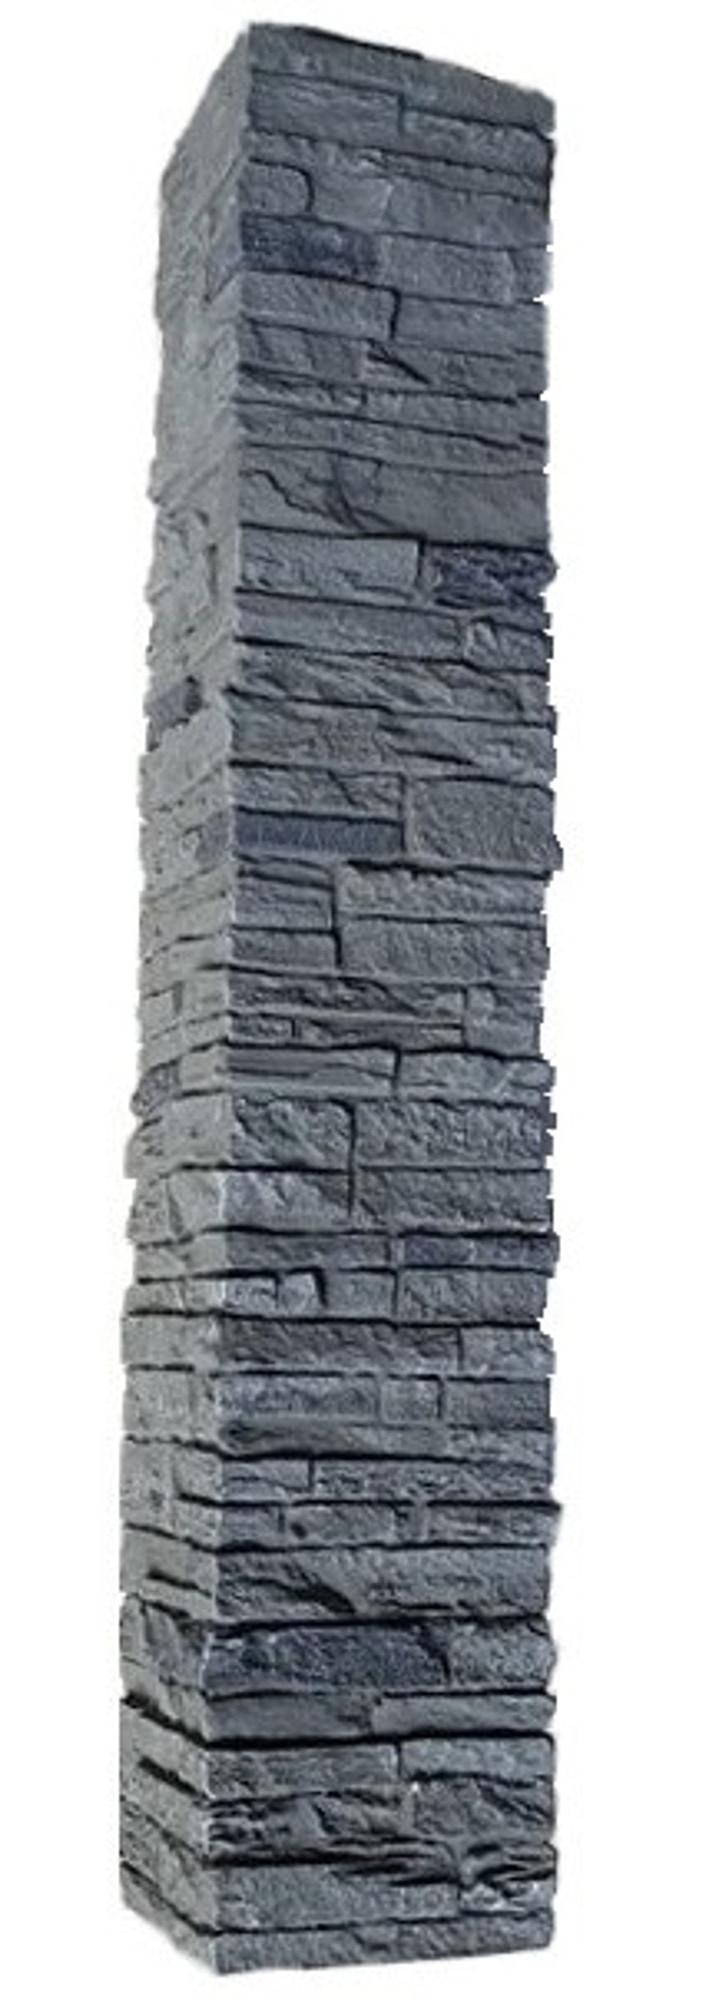 Graphite / Slatestone Faux Stone - 2 Piece Railing Post Covers 0